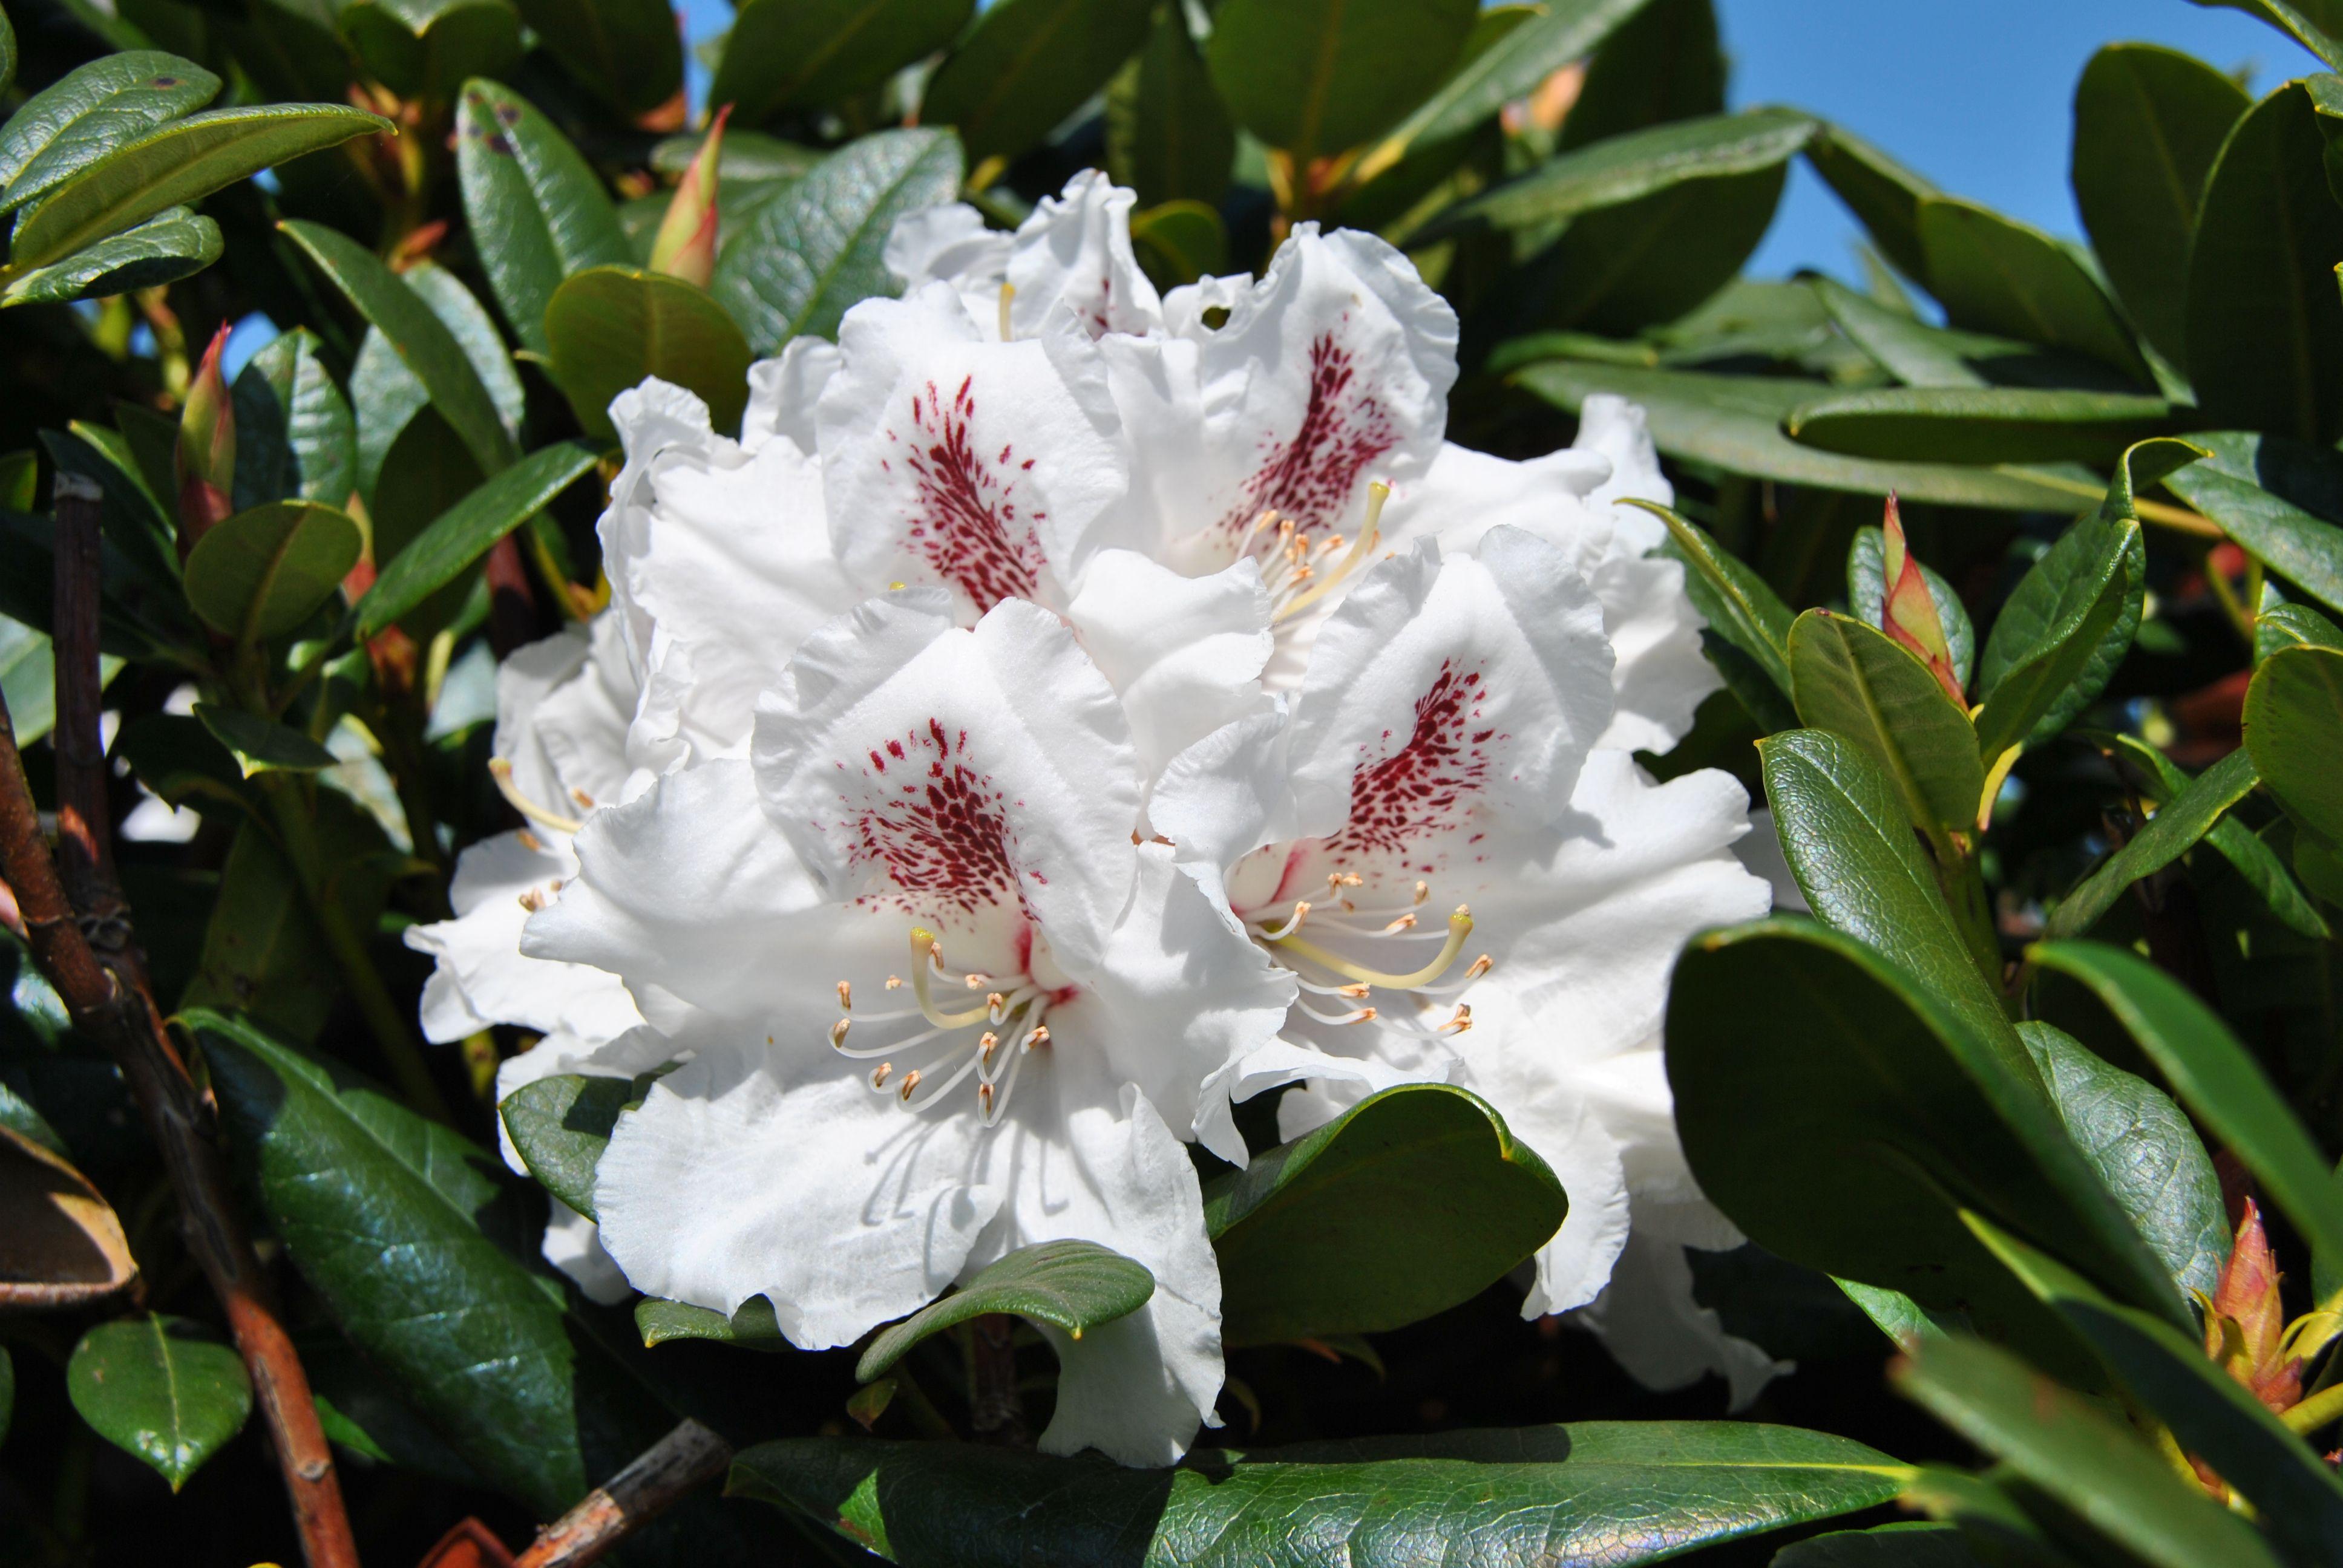 Rhododendron 'Rasteder Schloßperle' - Perfekte Kombination aus weißer Blütenpracht & dunkelgrüner Belaubung ist einzigartig